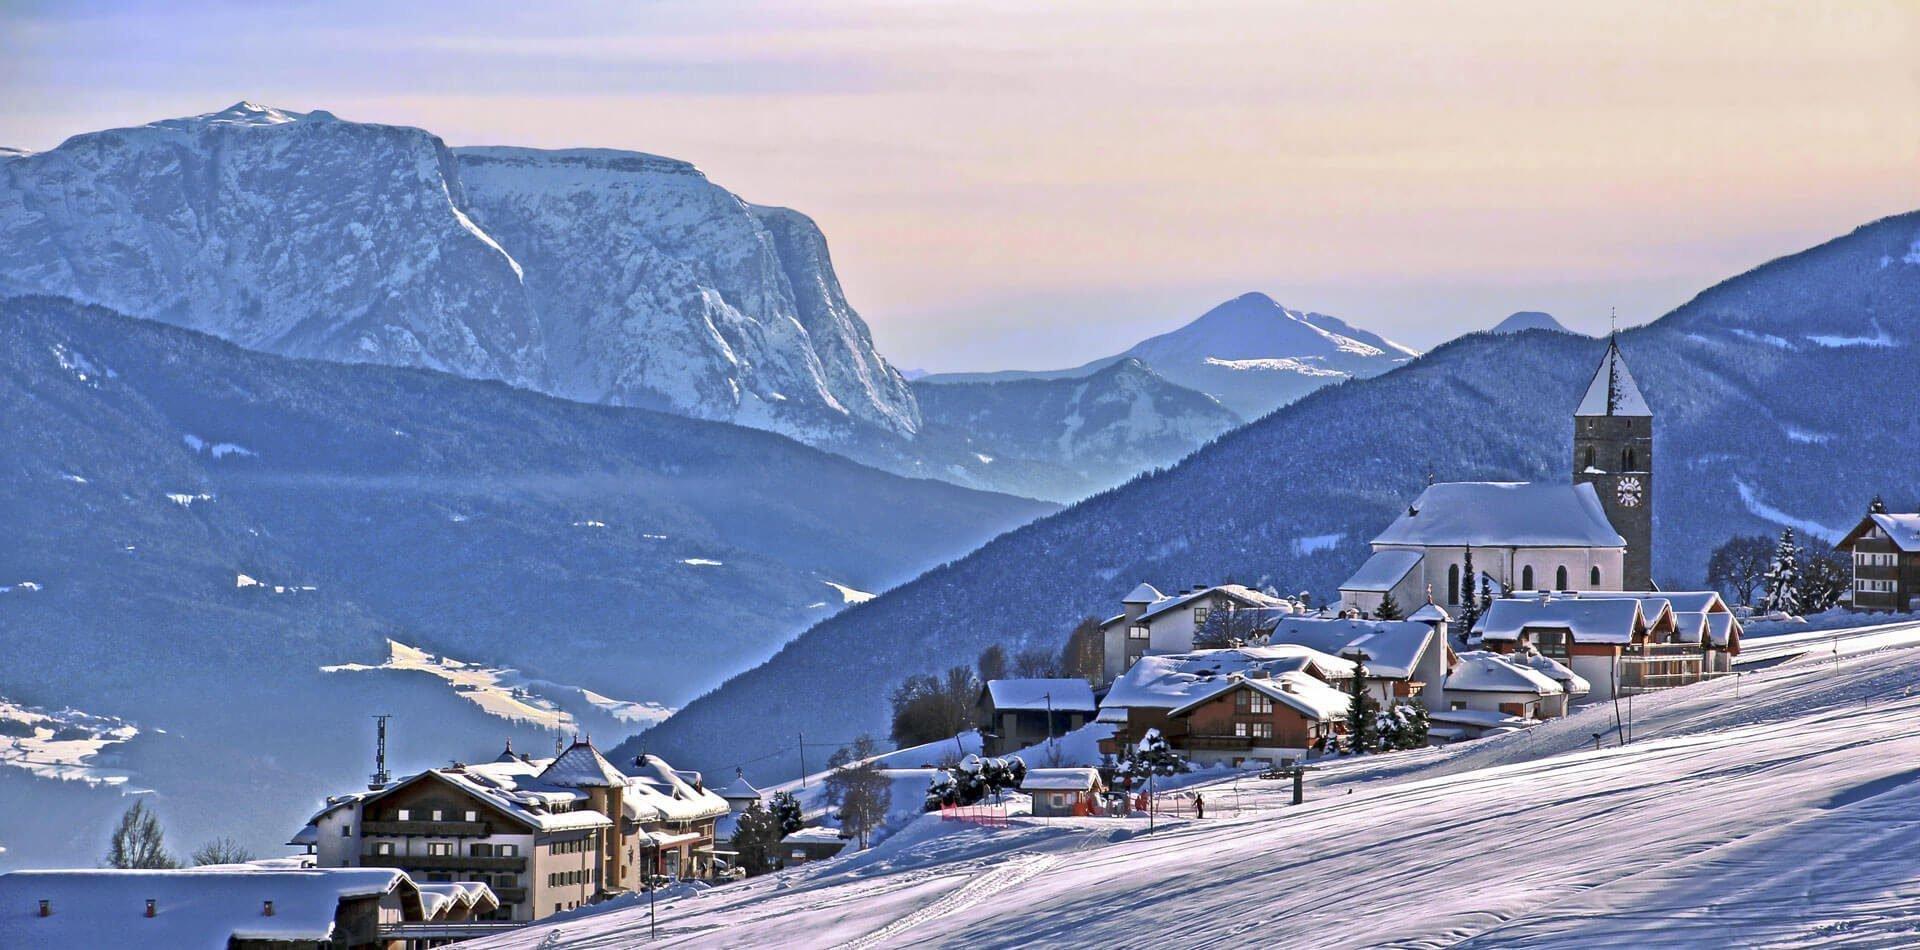 meransen-schlern-winter